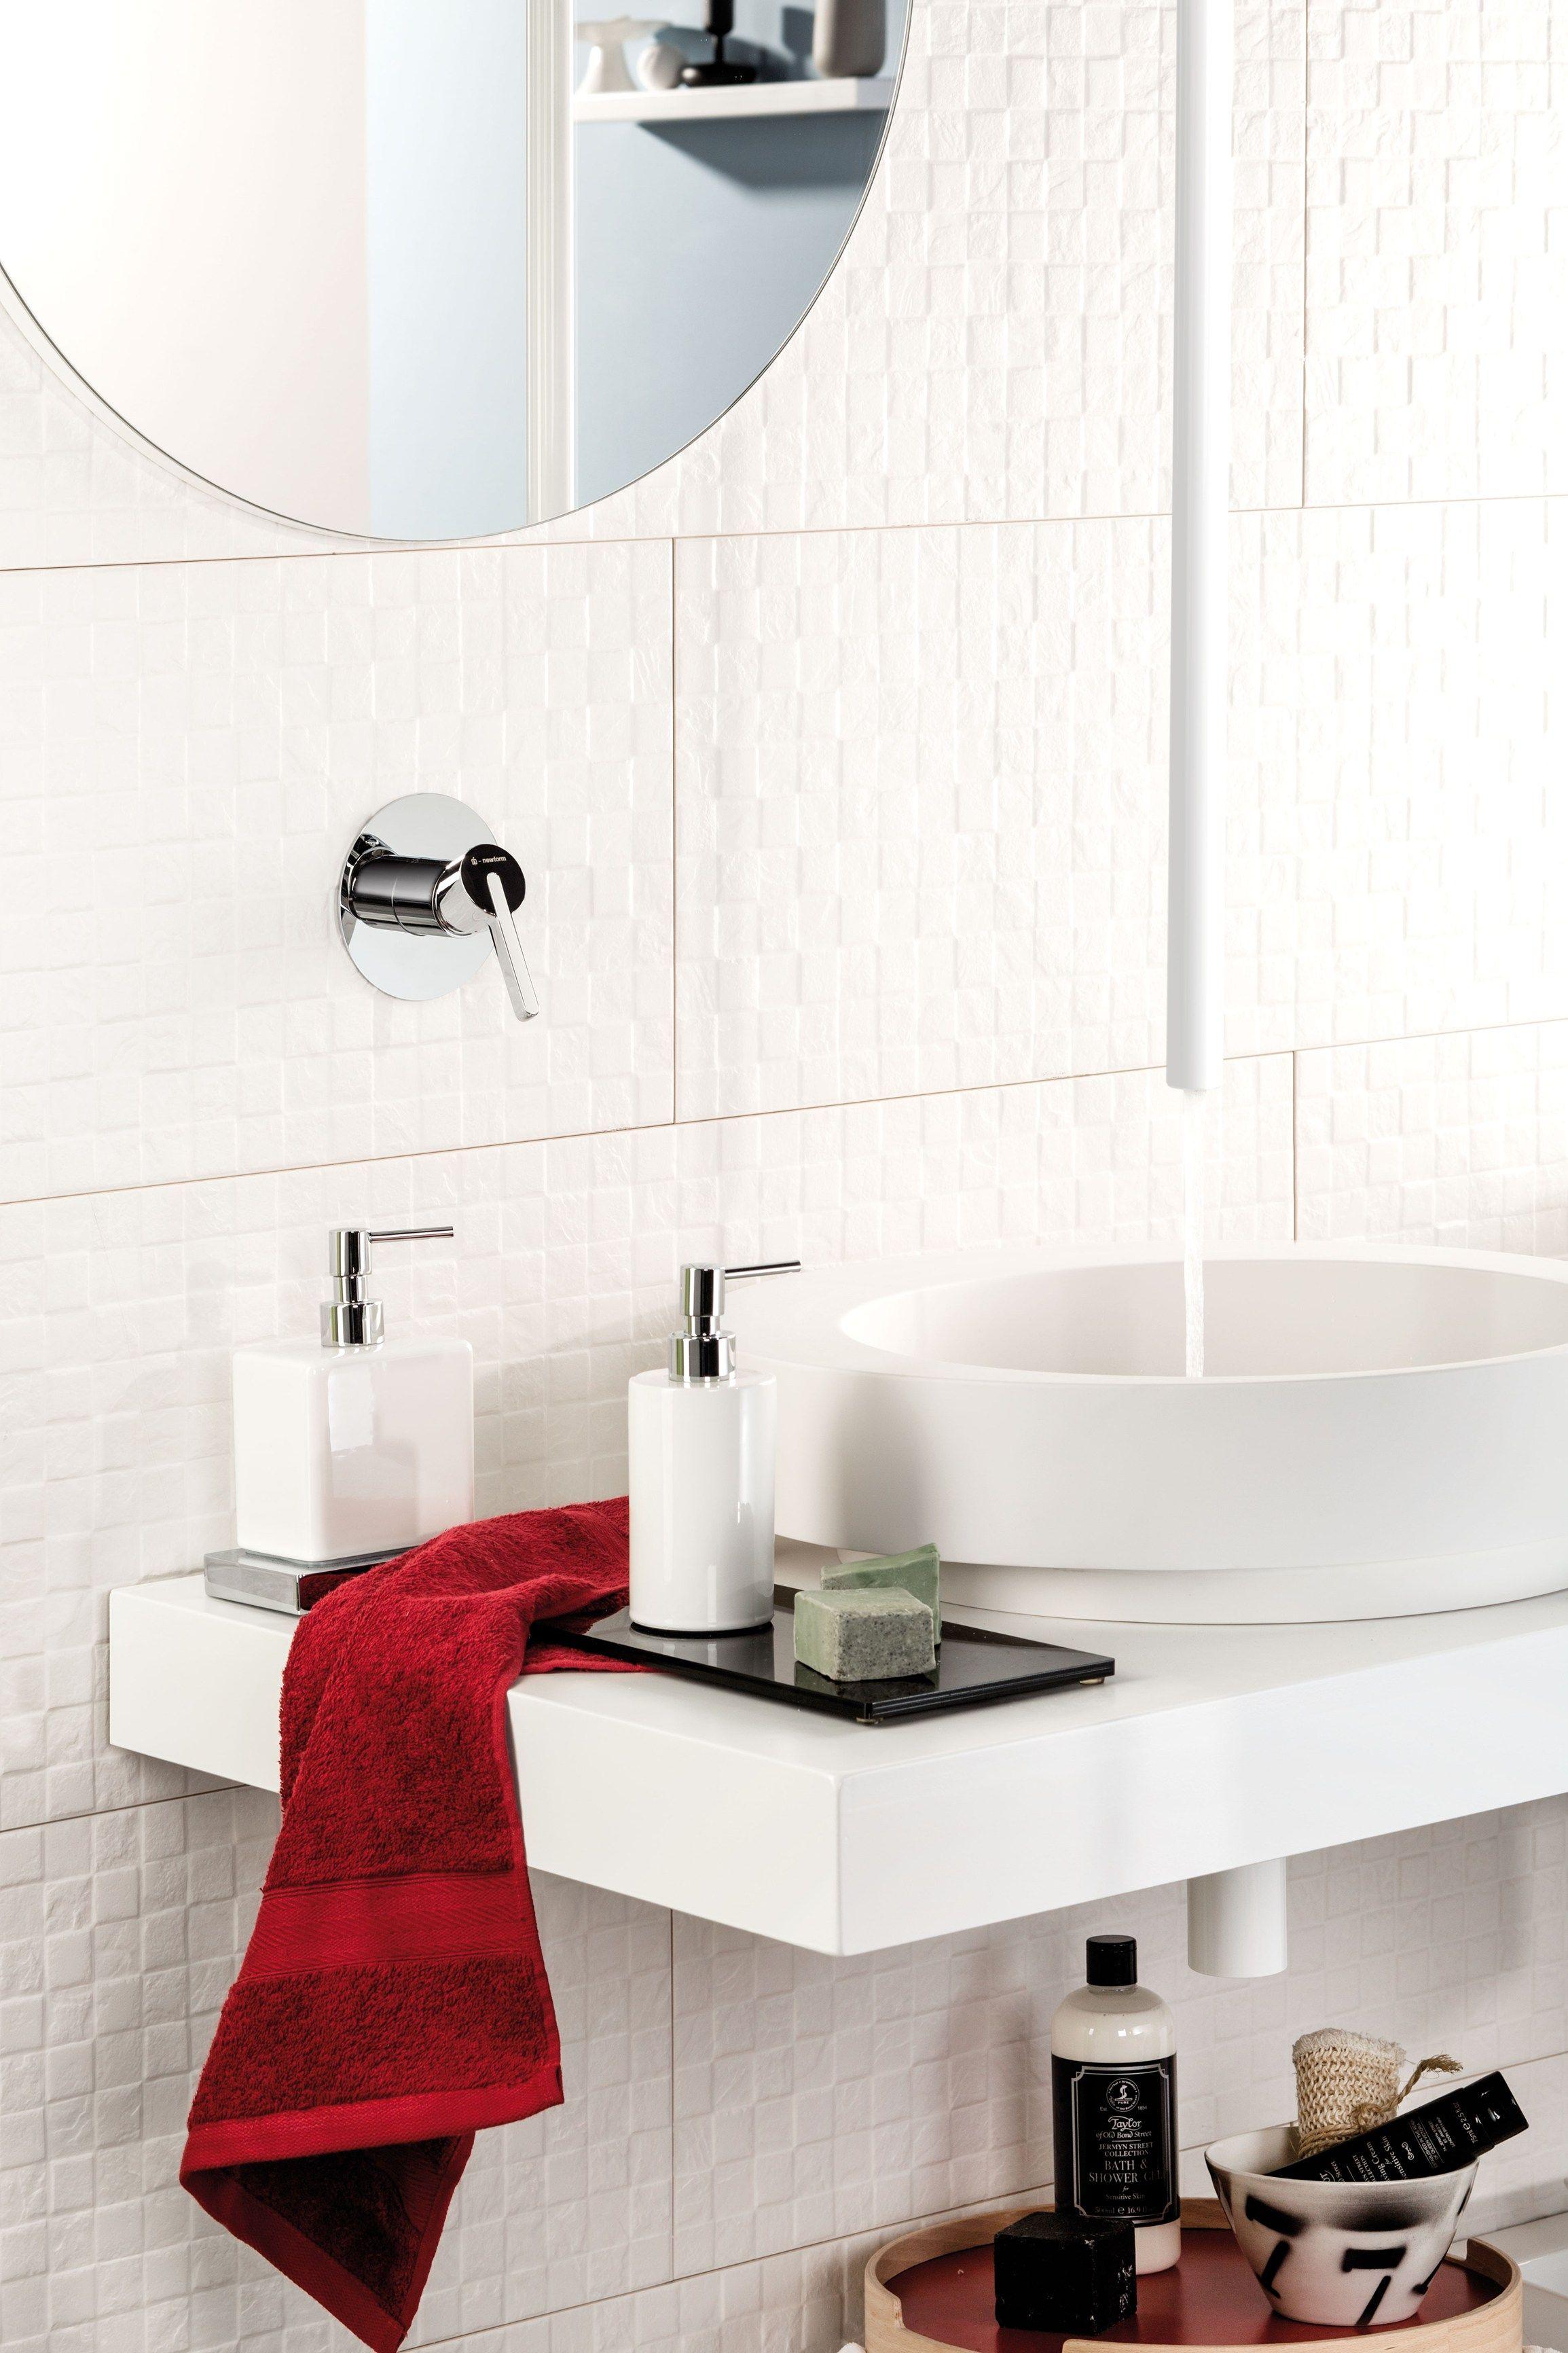 ברז מהתקרה לבן NEWFORM ERGO | Bathroom Faucets - ברזי אמבט | Pinterest